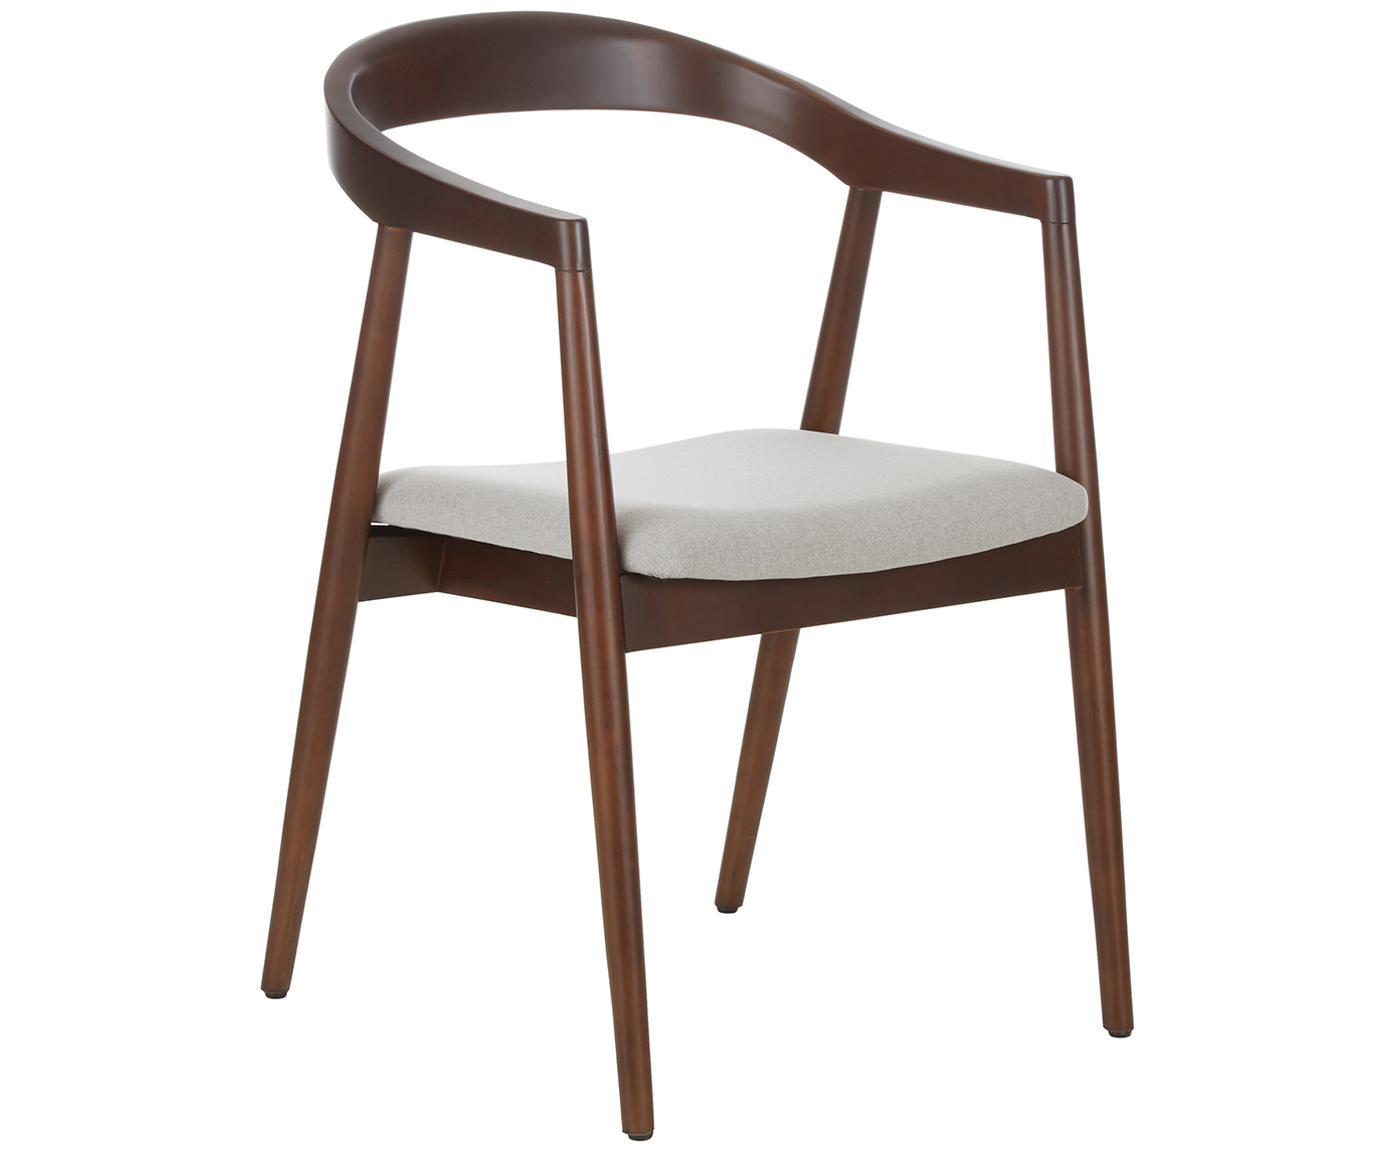 Armstoel Lloyd van donker berkenhout, Bekleding: polyester, Frame: berkenhout, multiplex, Beige, berkenhout, B 57 x D 54 cm